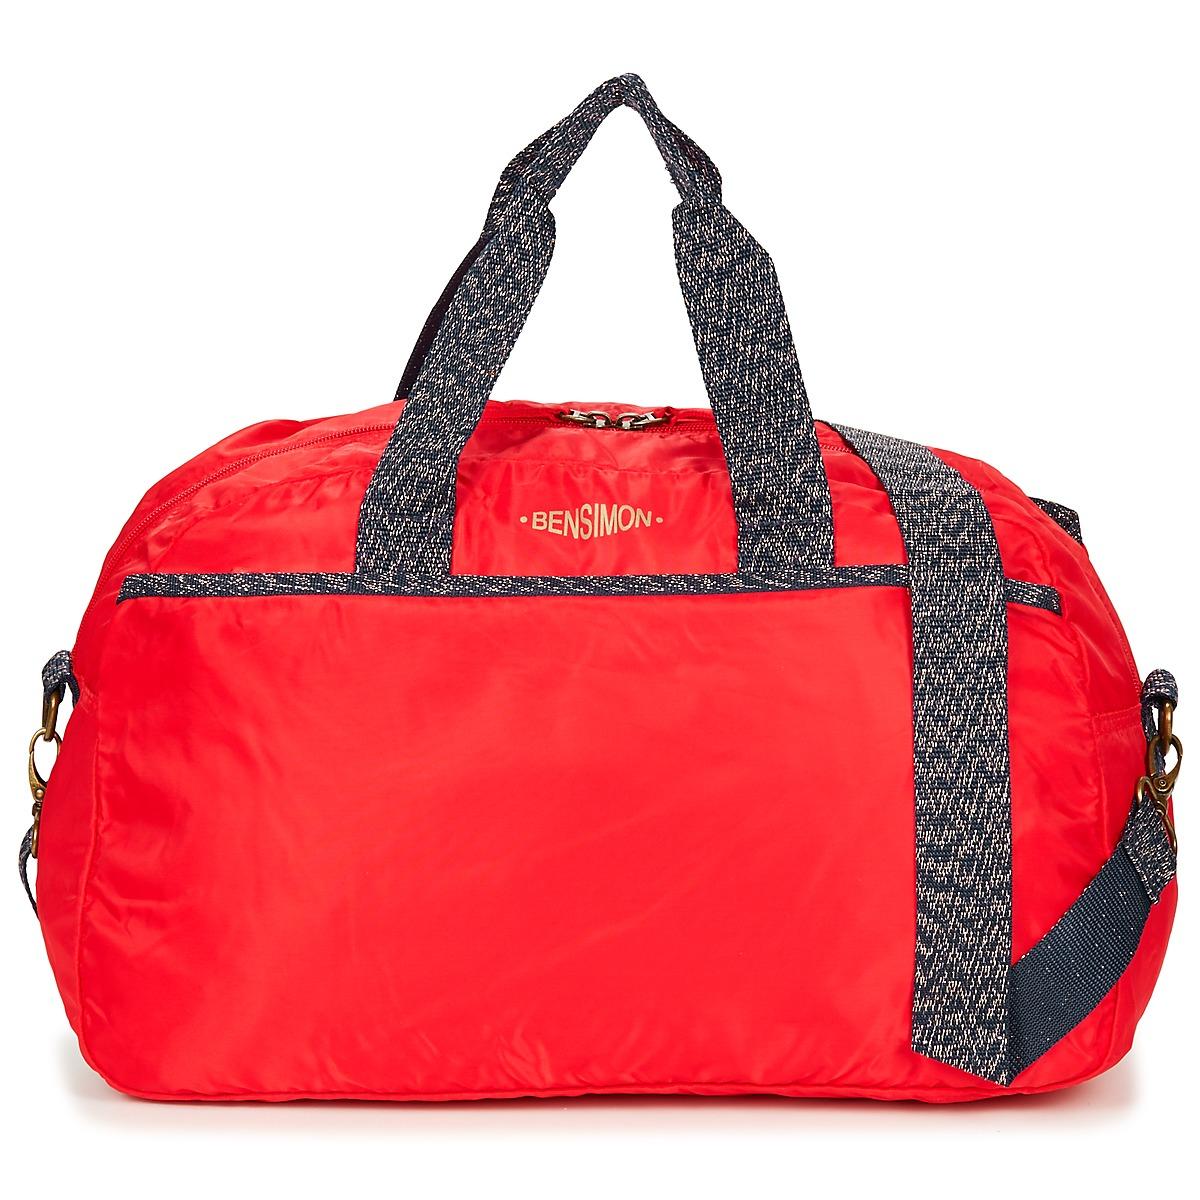 Borsa da sport donna Bensimon  SPORT BAG  Rosso